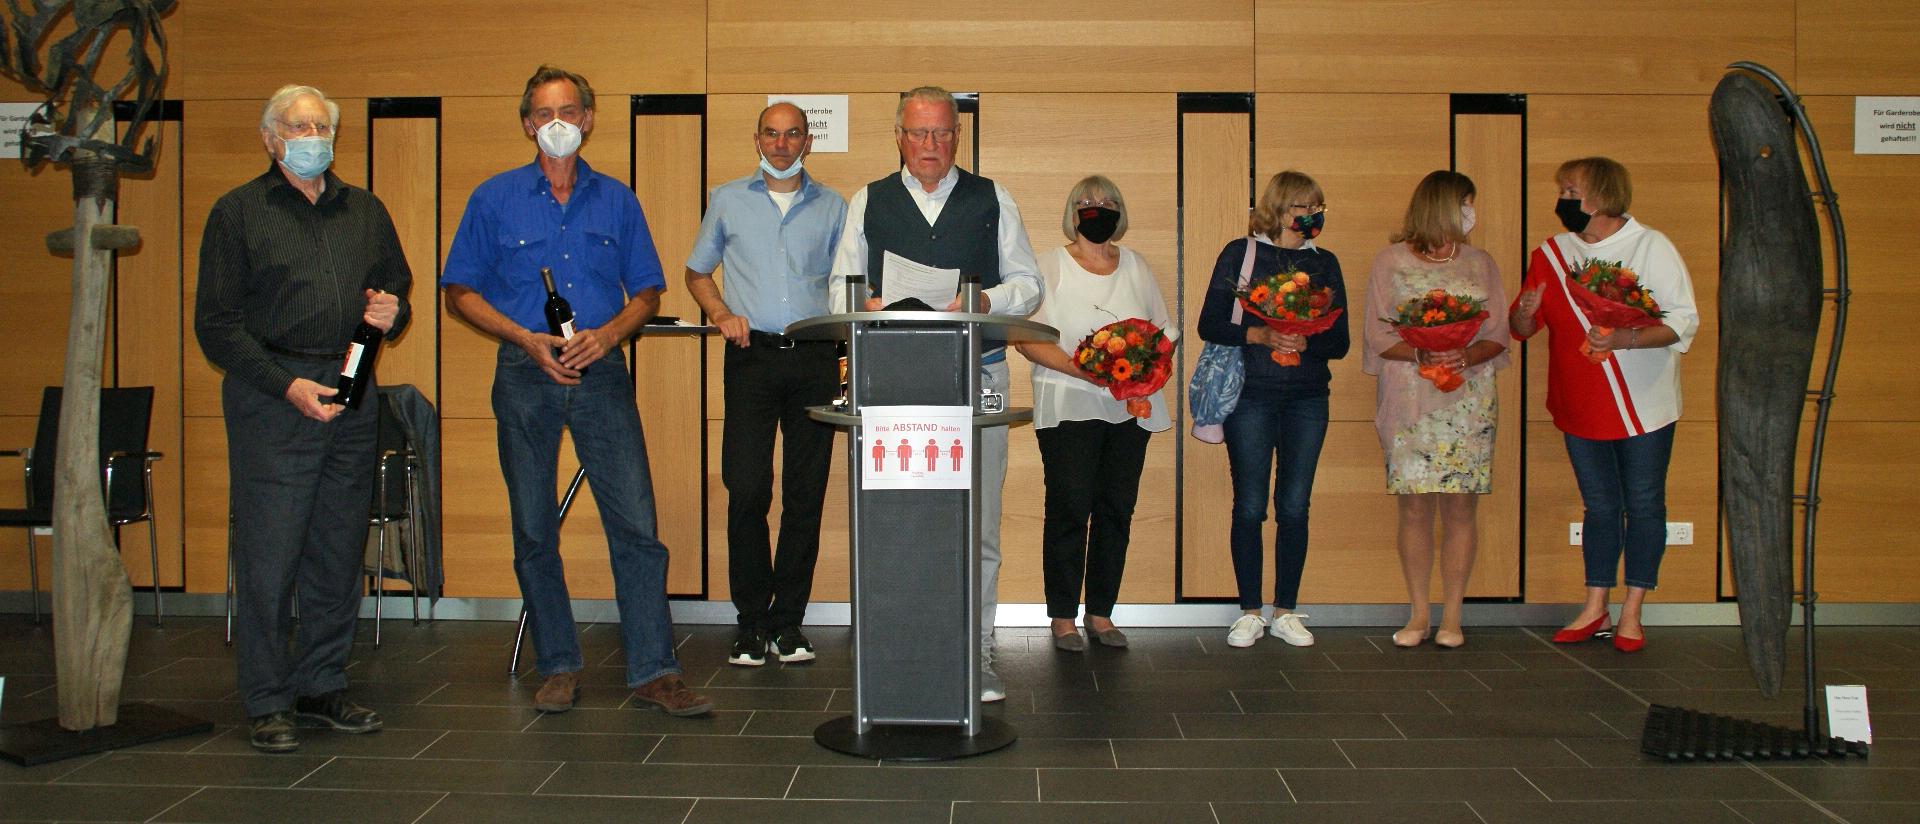 KVU-Vorsitzender Peter Wunder (am Rednerpult) begrüßte am 18. September kurz nach 18 Uhr im Hallenfoyer Künstlerinnen und Künstler aus der Tschechischen Republik und Bayern.